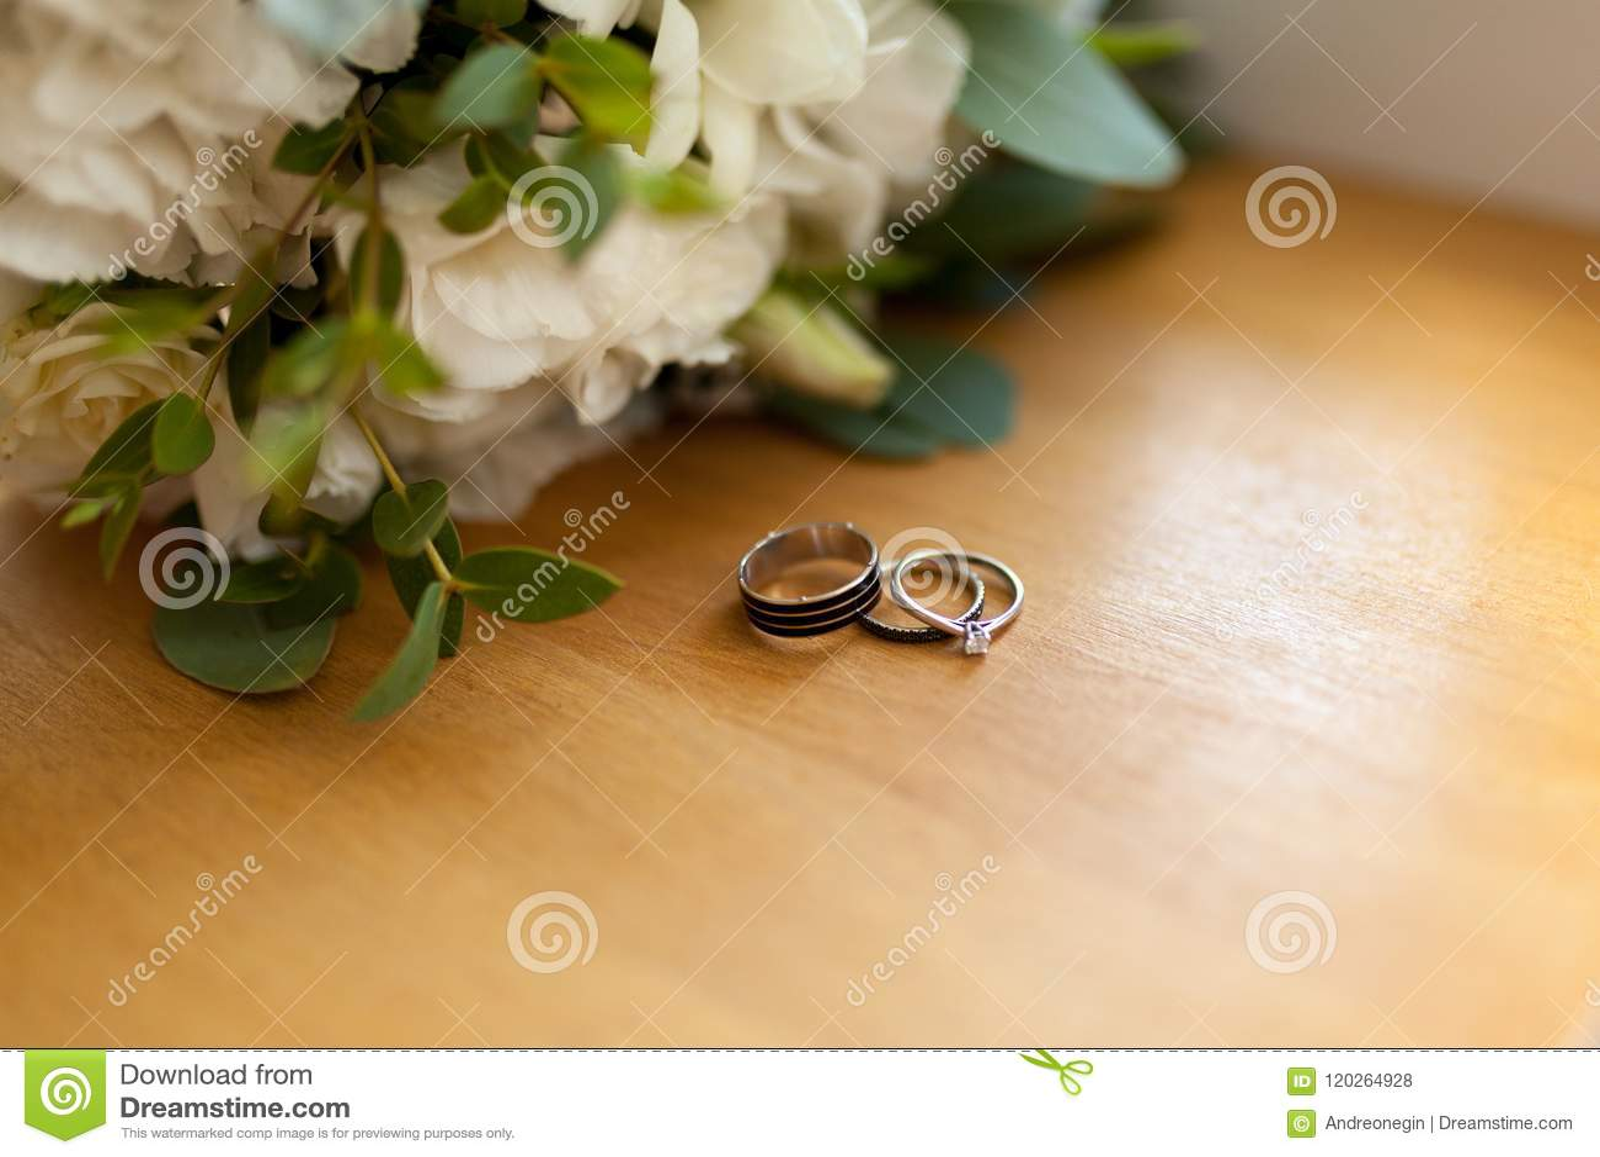 Duas alianças de casamento da platina no fundo de madeira com flores Anel da noiva com diamantes Foco raso Rústico wed o conceito